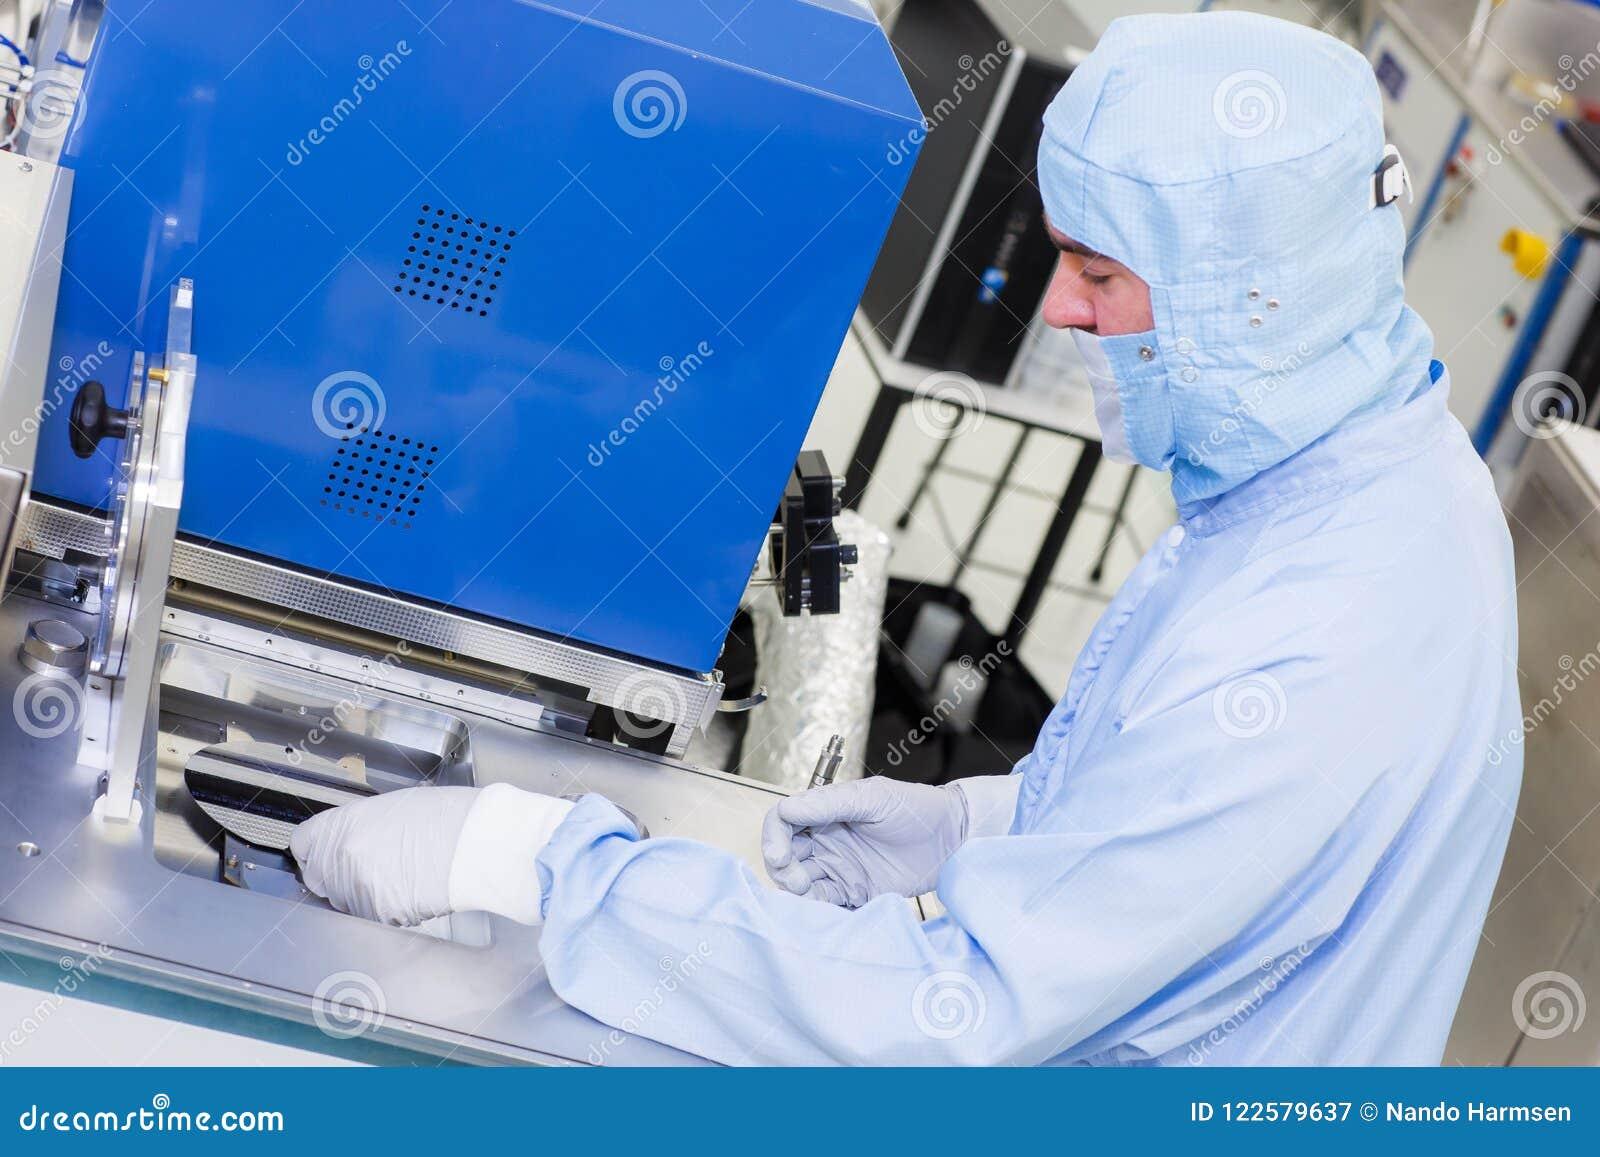 Het werken aan ALD-systemen in high-tech cleanroom